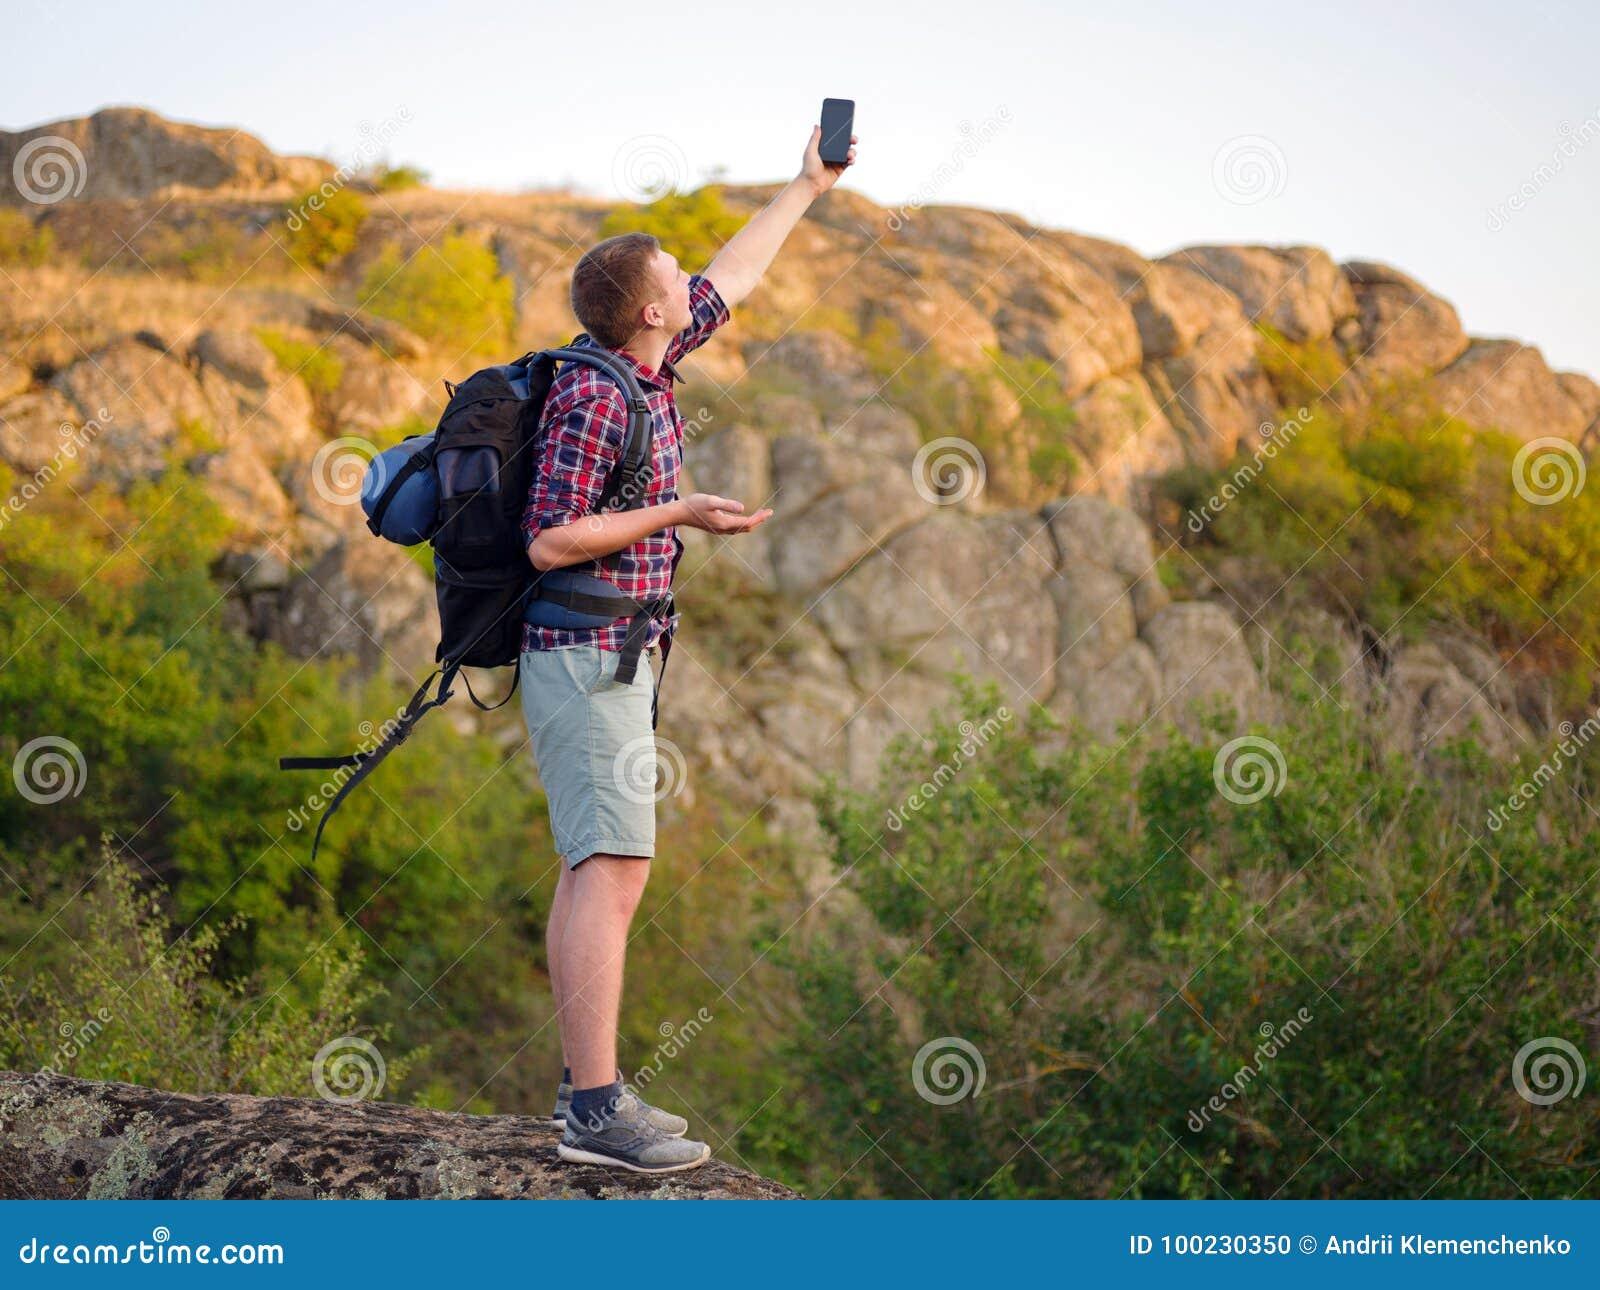 Turista Maschio Perso Su Uno Sfondo Naturale Uomo Perso Che Prova Ad